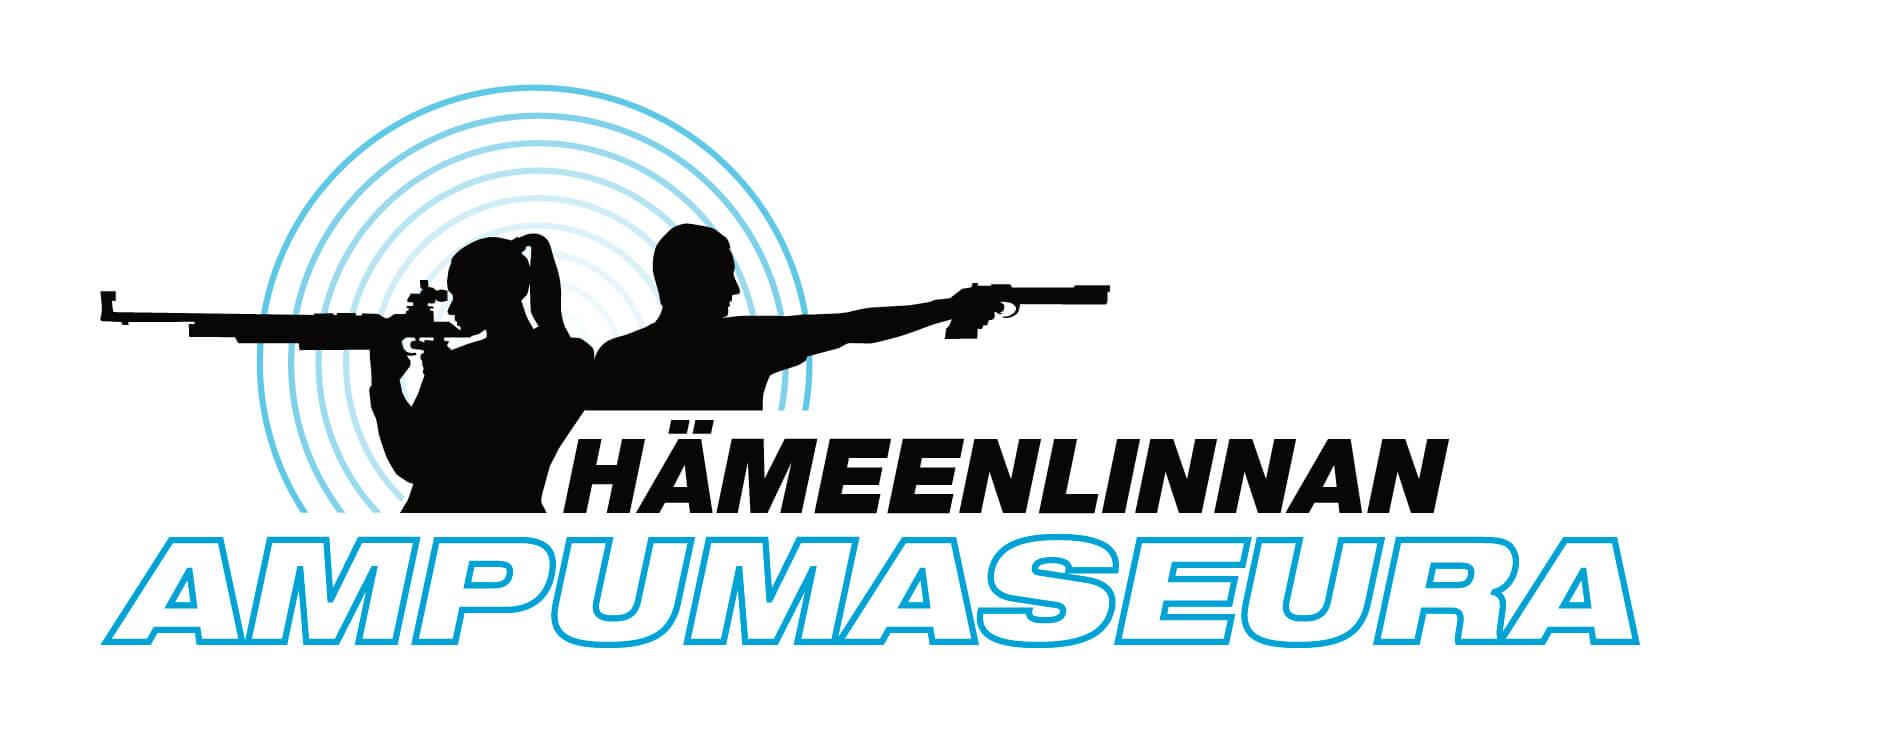 Hämeenlinnan Ampumaseura